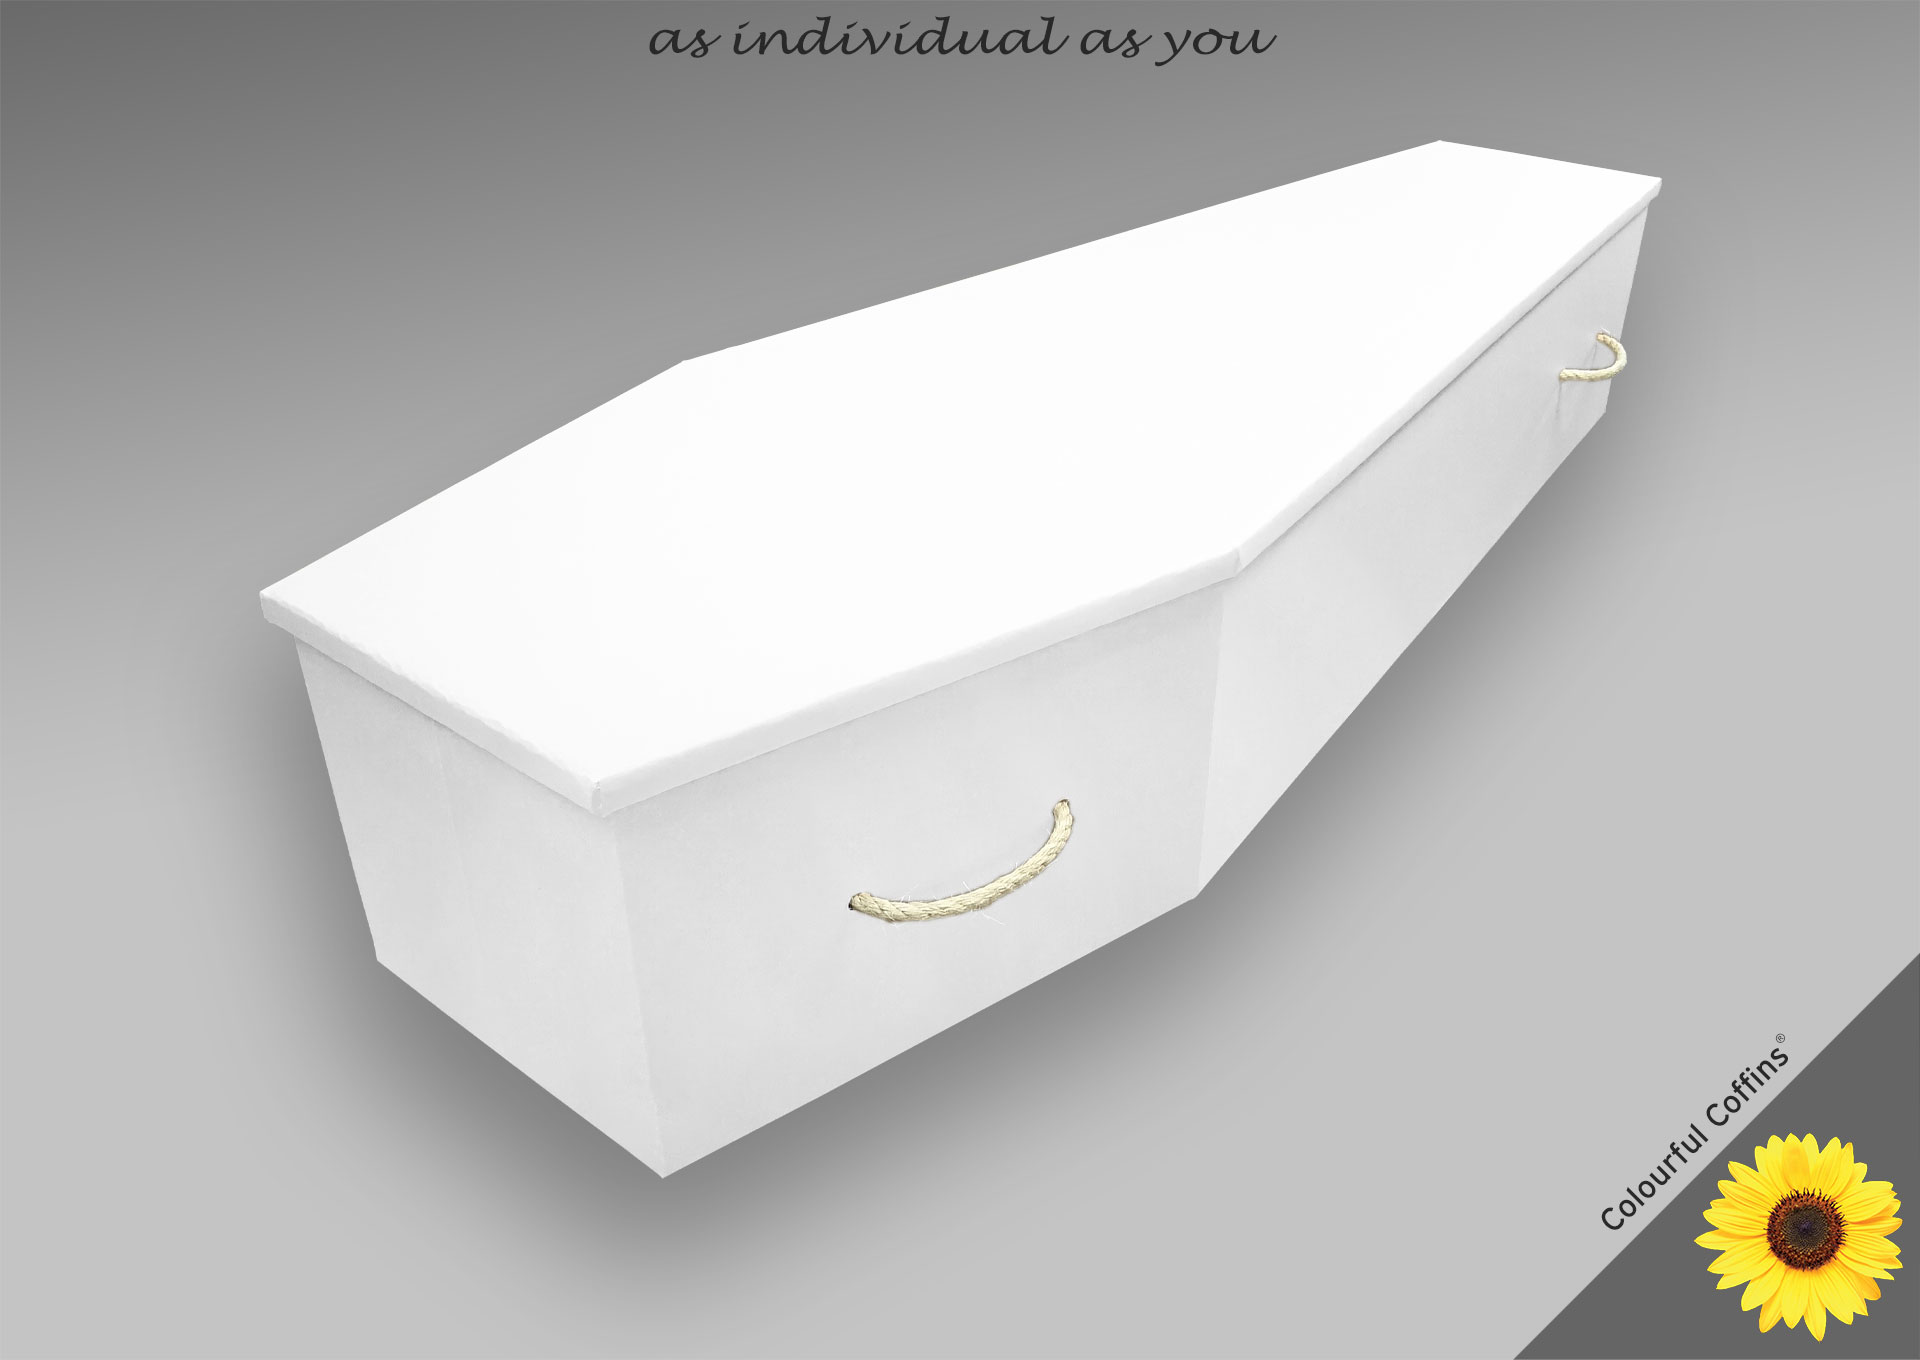 Cardboard_white £550